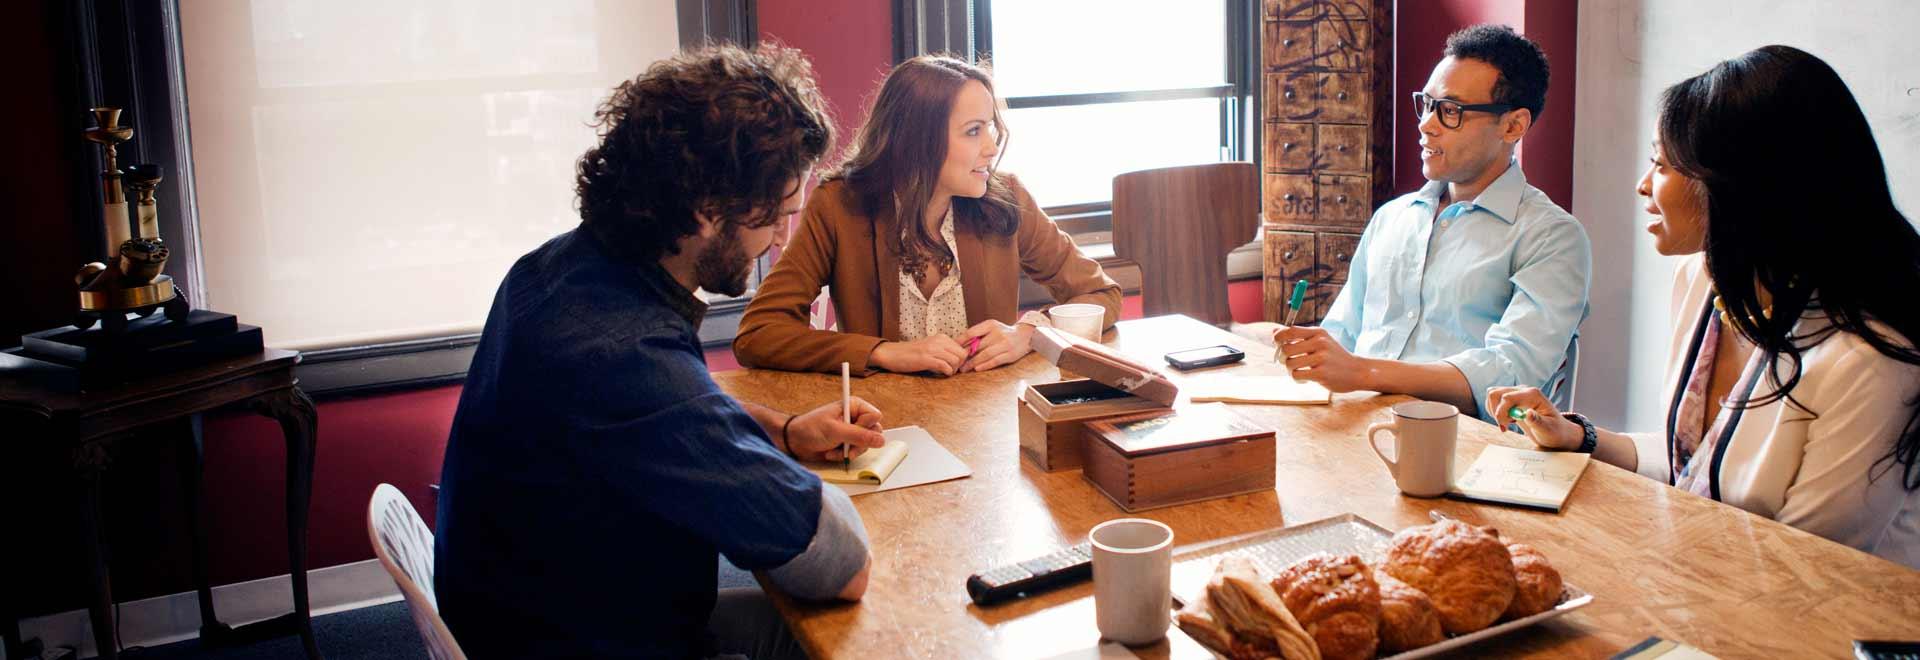 Četri cilvēki strādā birojā, izmantojot pakalpojumu Office365 EnterpriseE3.